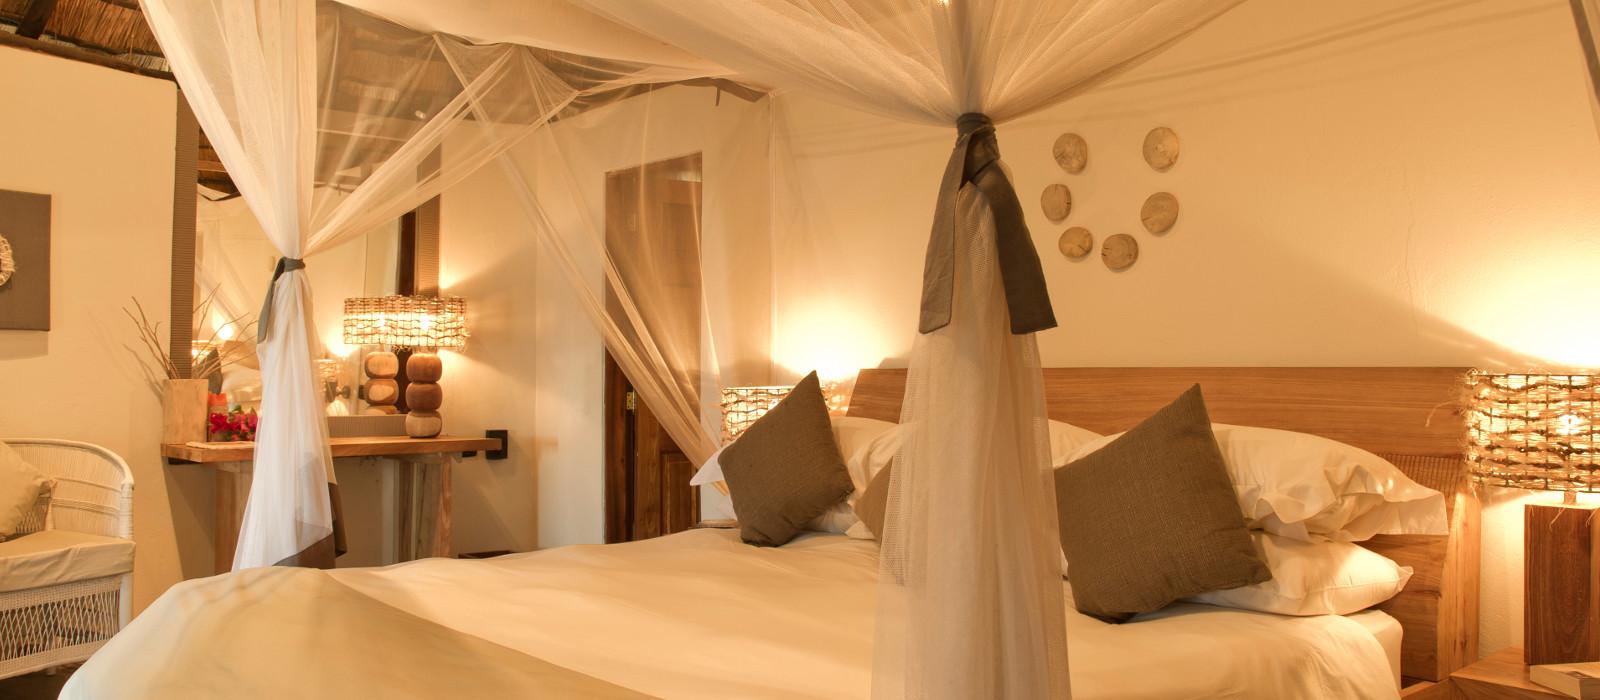 Hotel Kanyemba Lodge Zambia